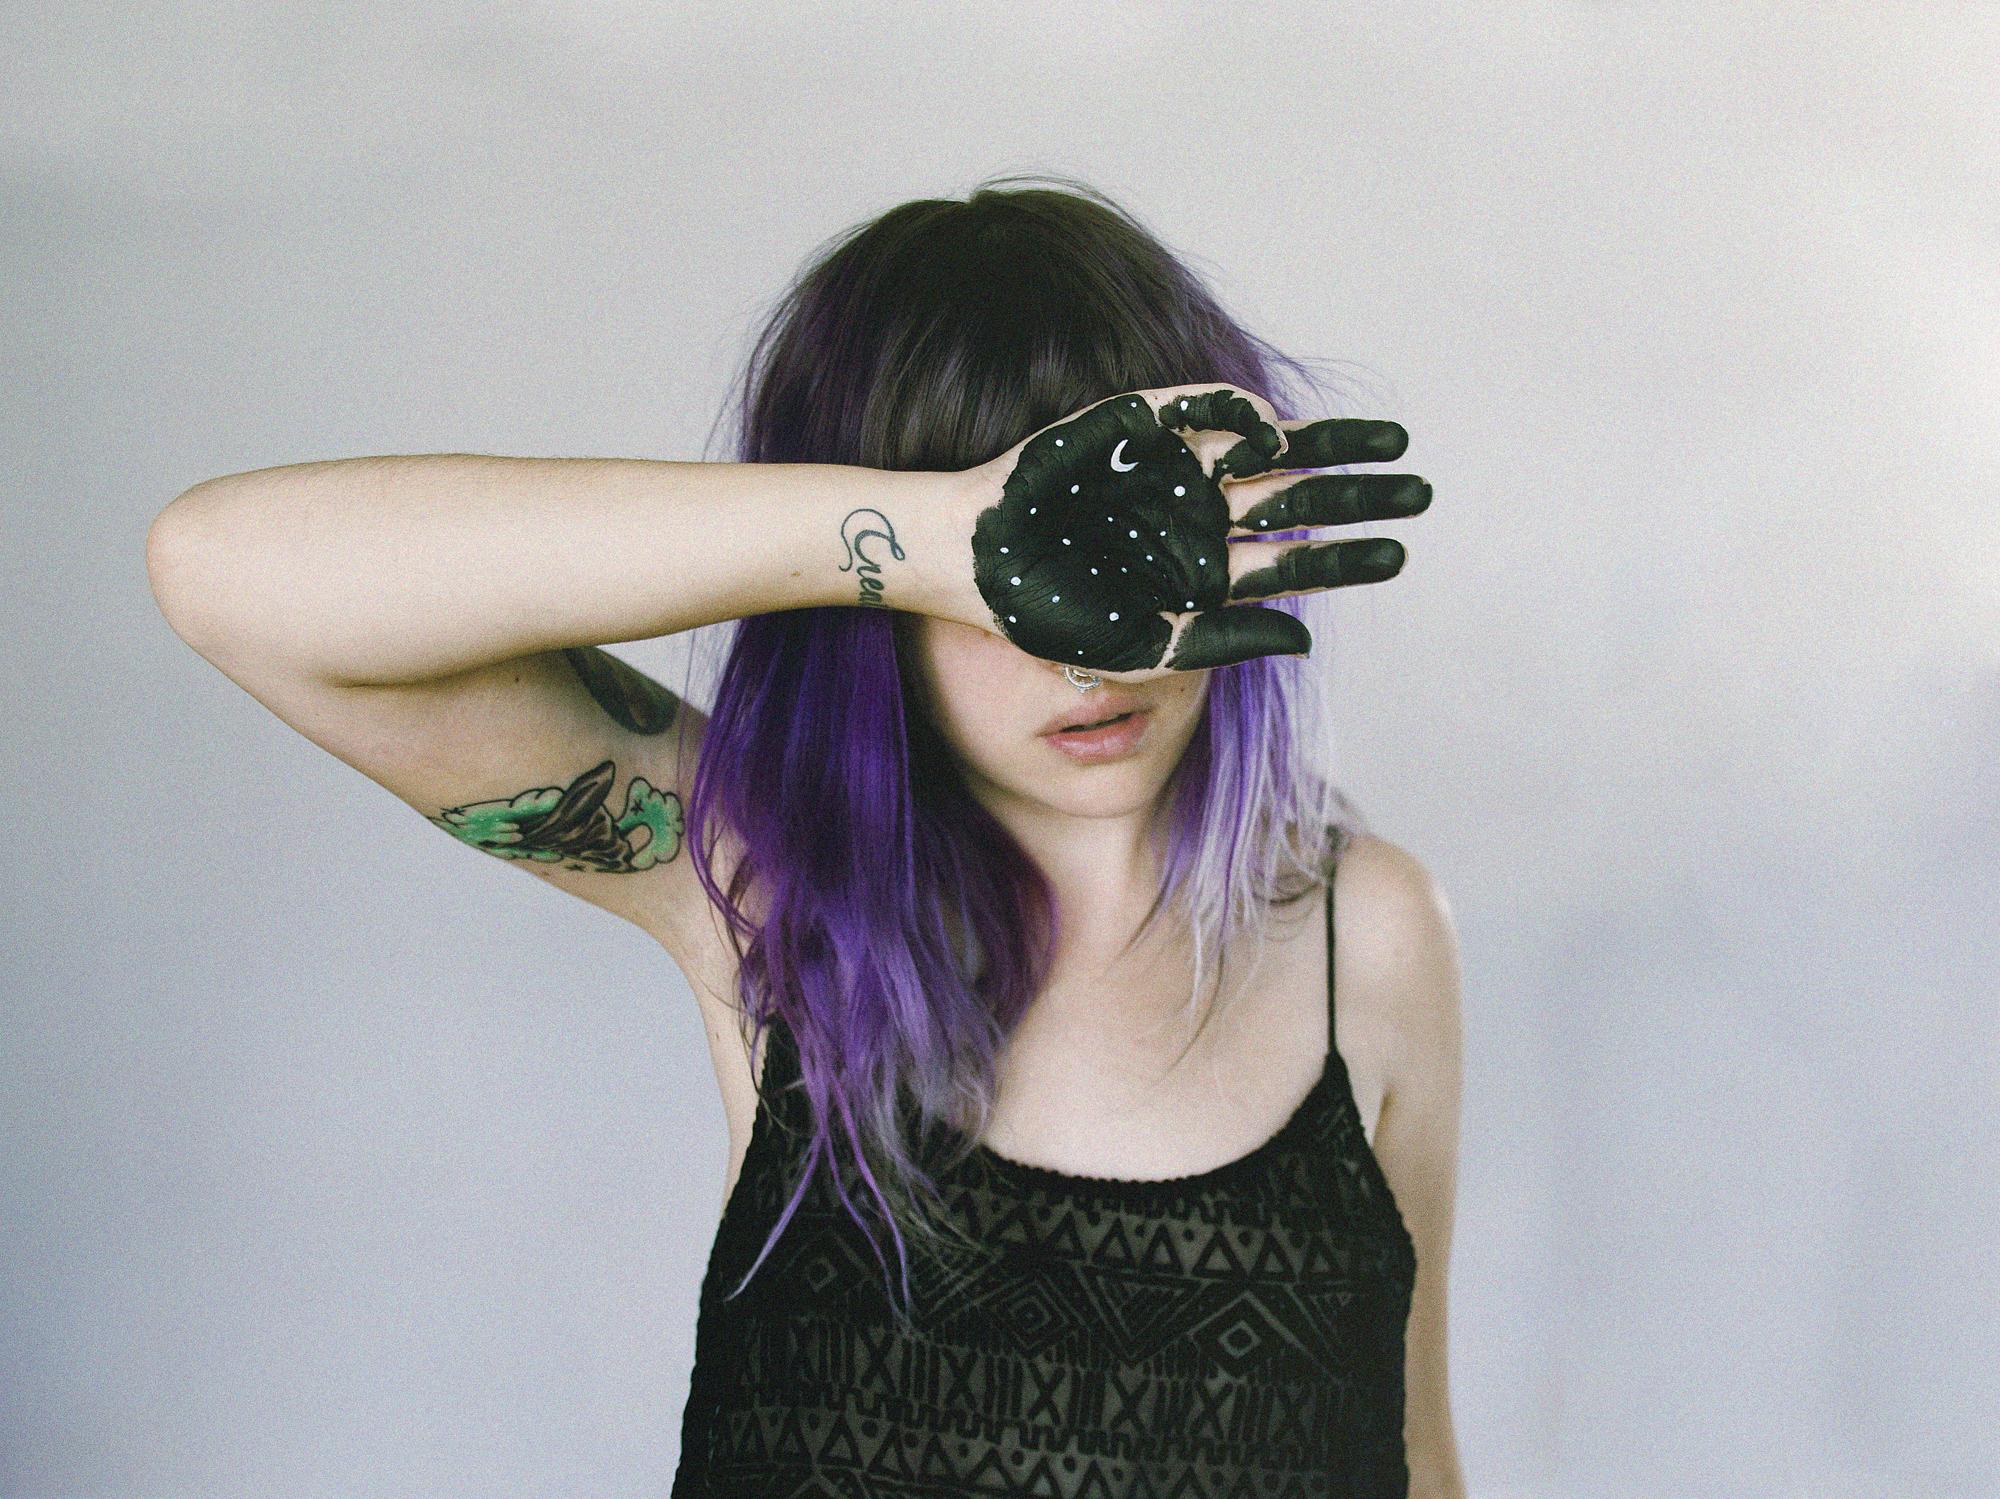 fond d 39 cran nuit cheveux longs espace ciel violet toiles tatouage lune cheveux noirs. Black Bedroom Furniture Sets. Home Design Ideas